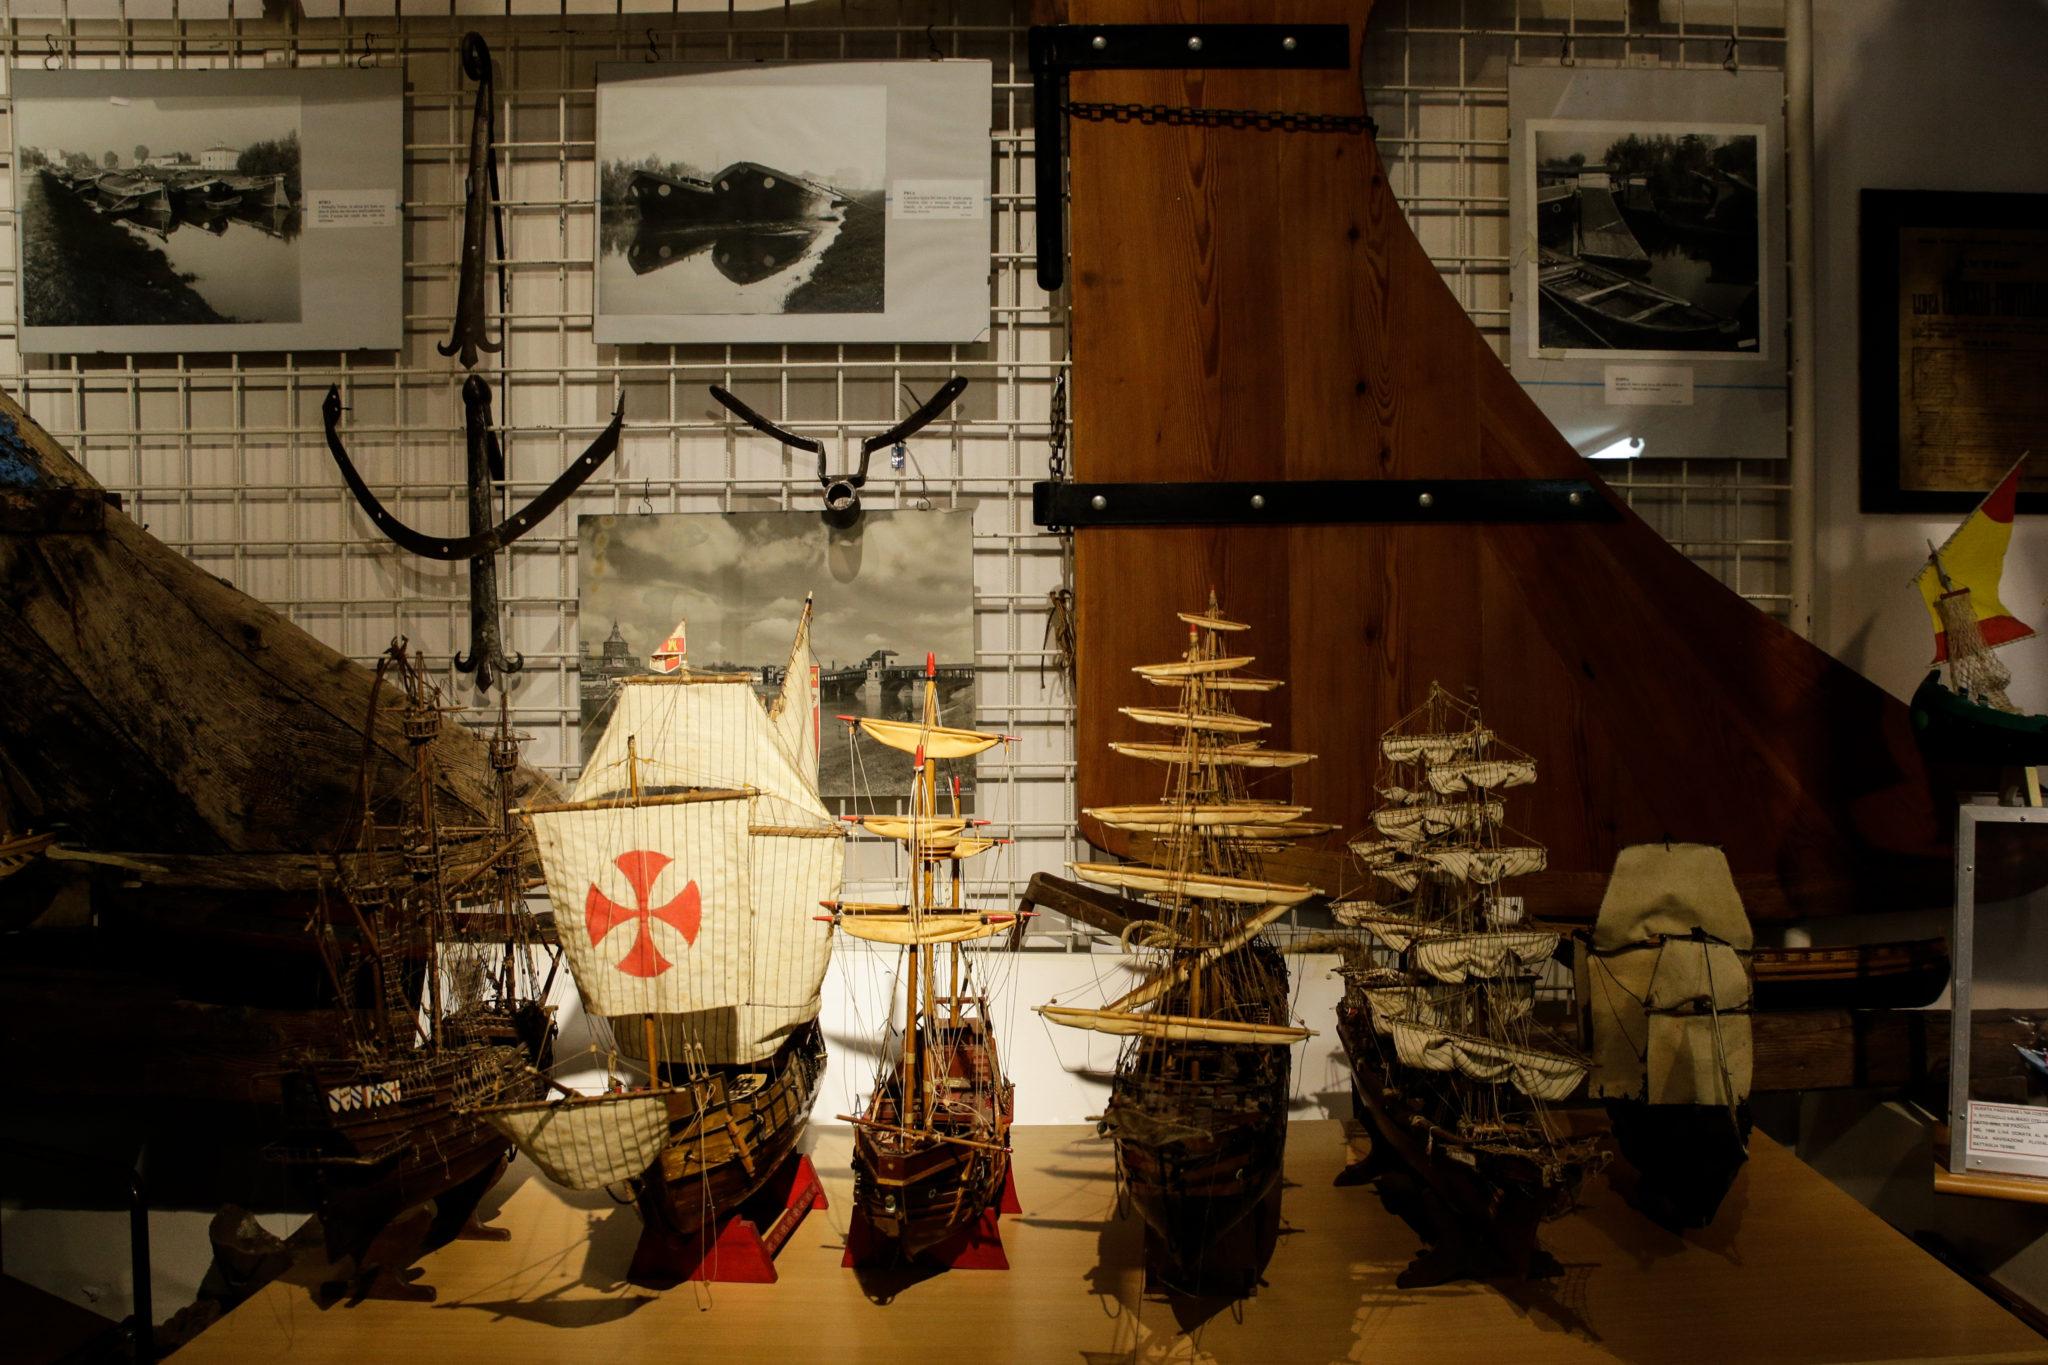 Storie, ricordi e materiali di vita vissuta dagli antichi barcaioli. Al Museo della Navigazione Fluviale di Battaglia Terme, Padova, si naviga nella memoria